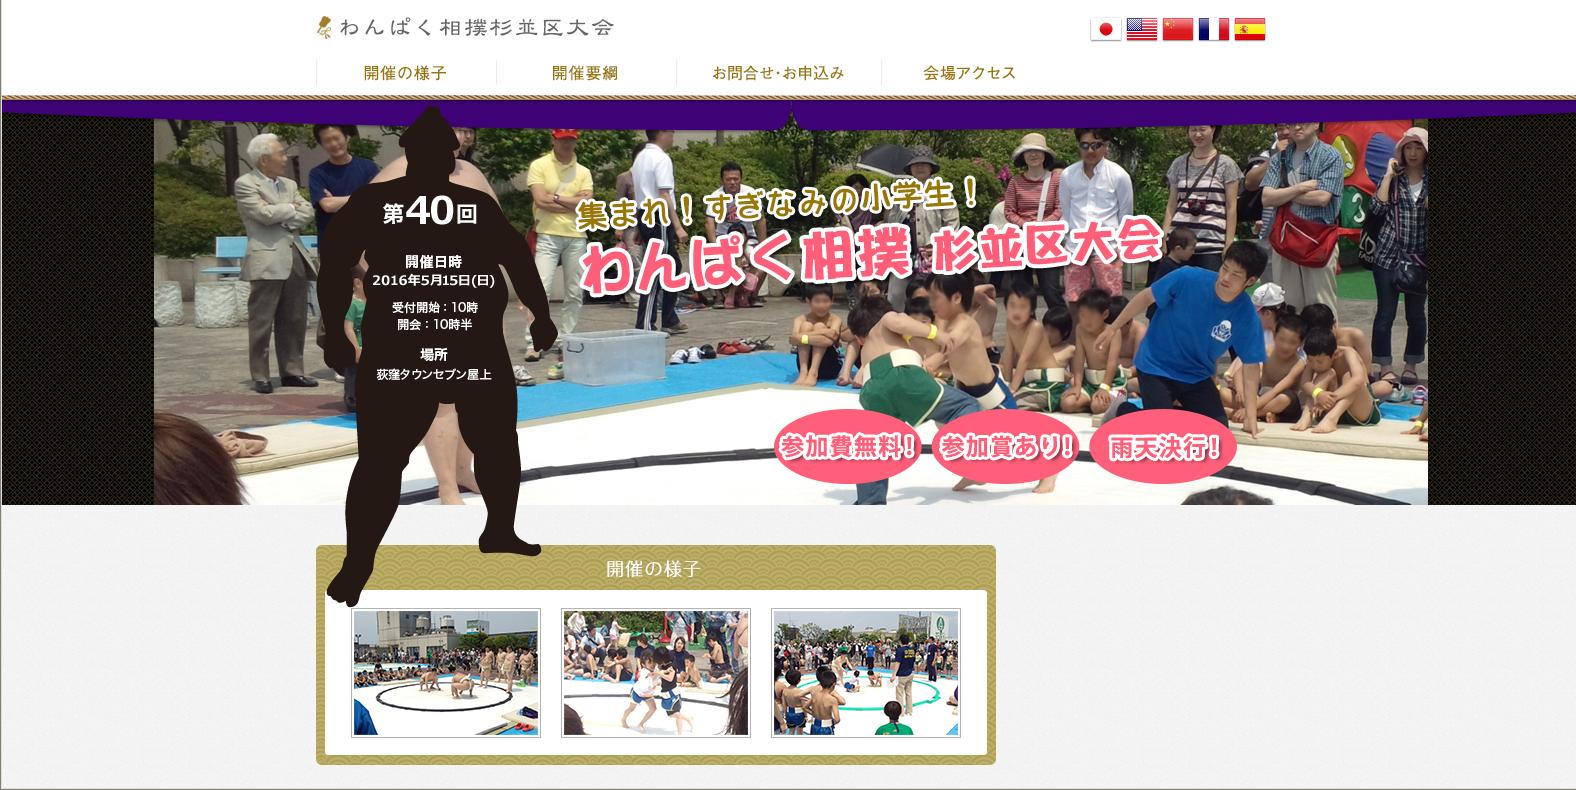 わんぱく相撲杉並区大会公式ホームページ